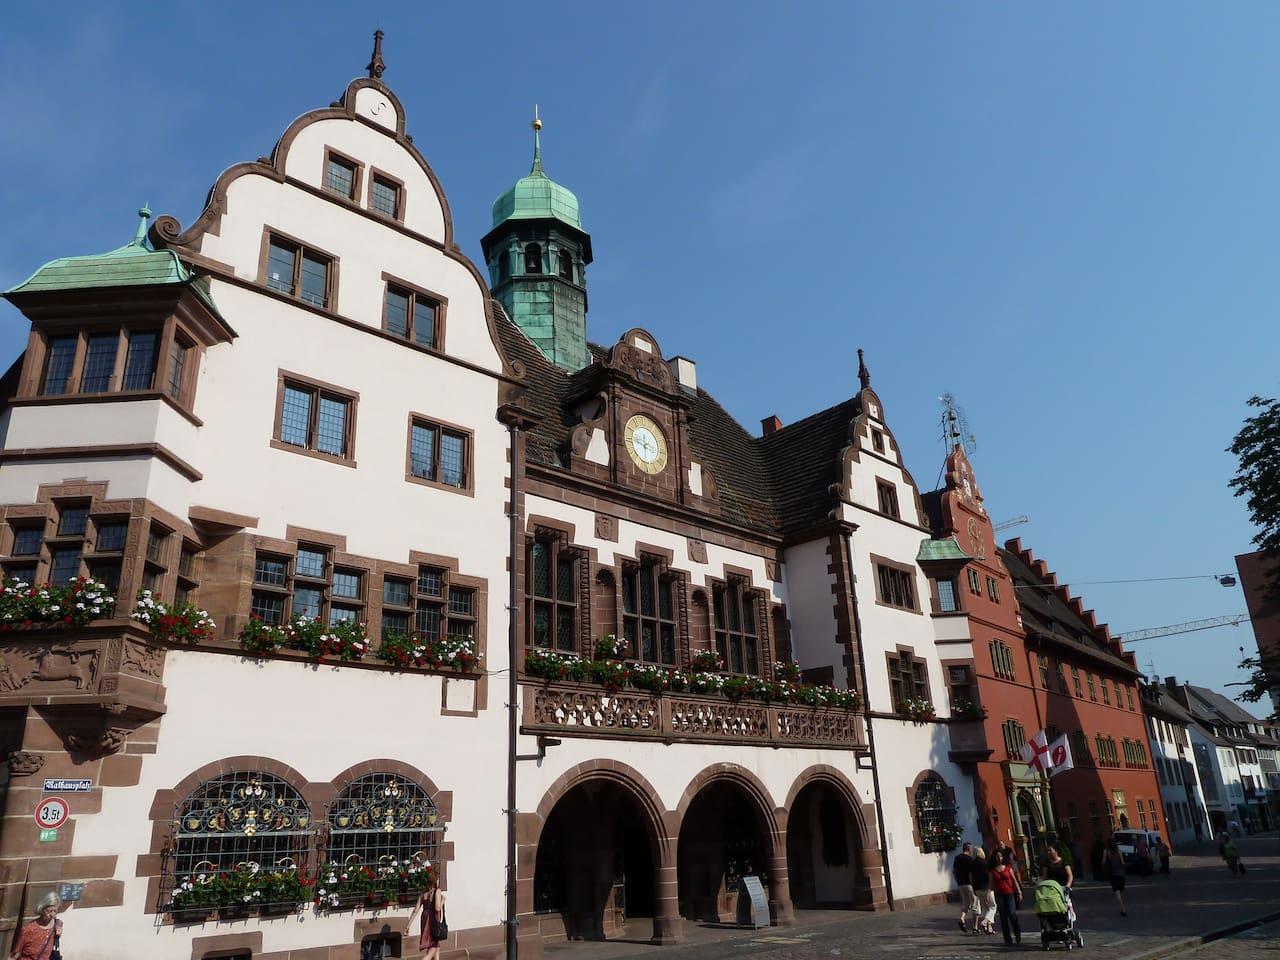 Neues und Altes Rathaus direkt neben der Wohnung/ New and Old Townhall next to your apartment